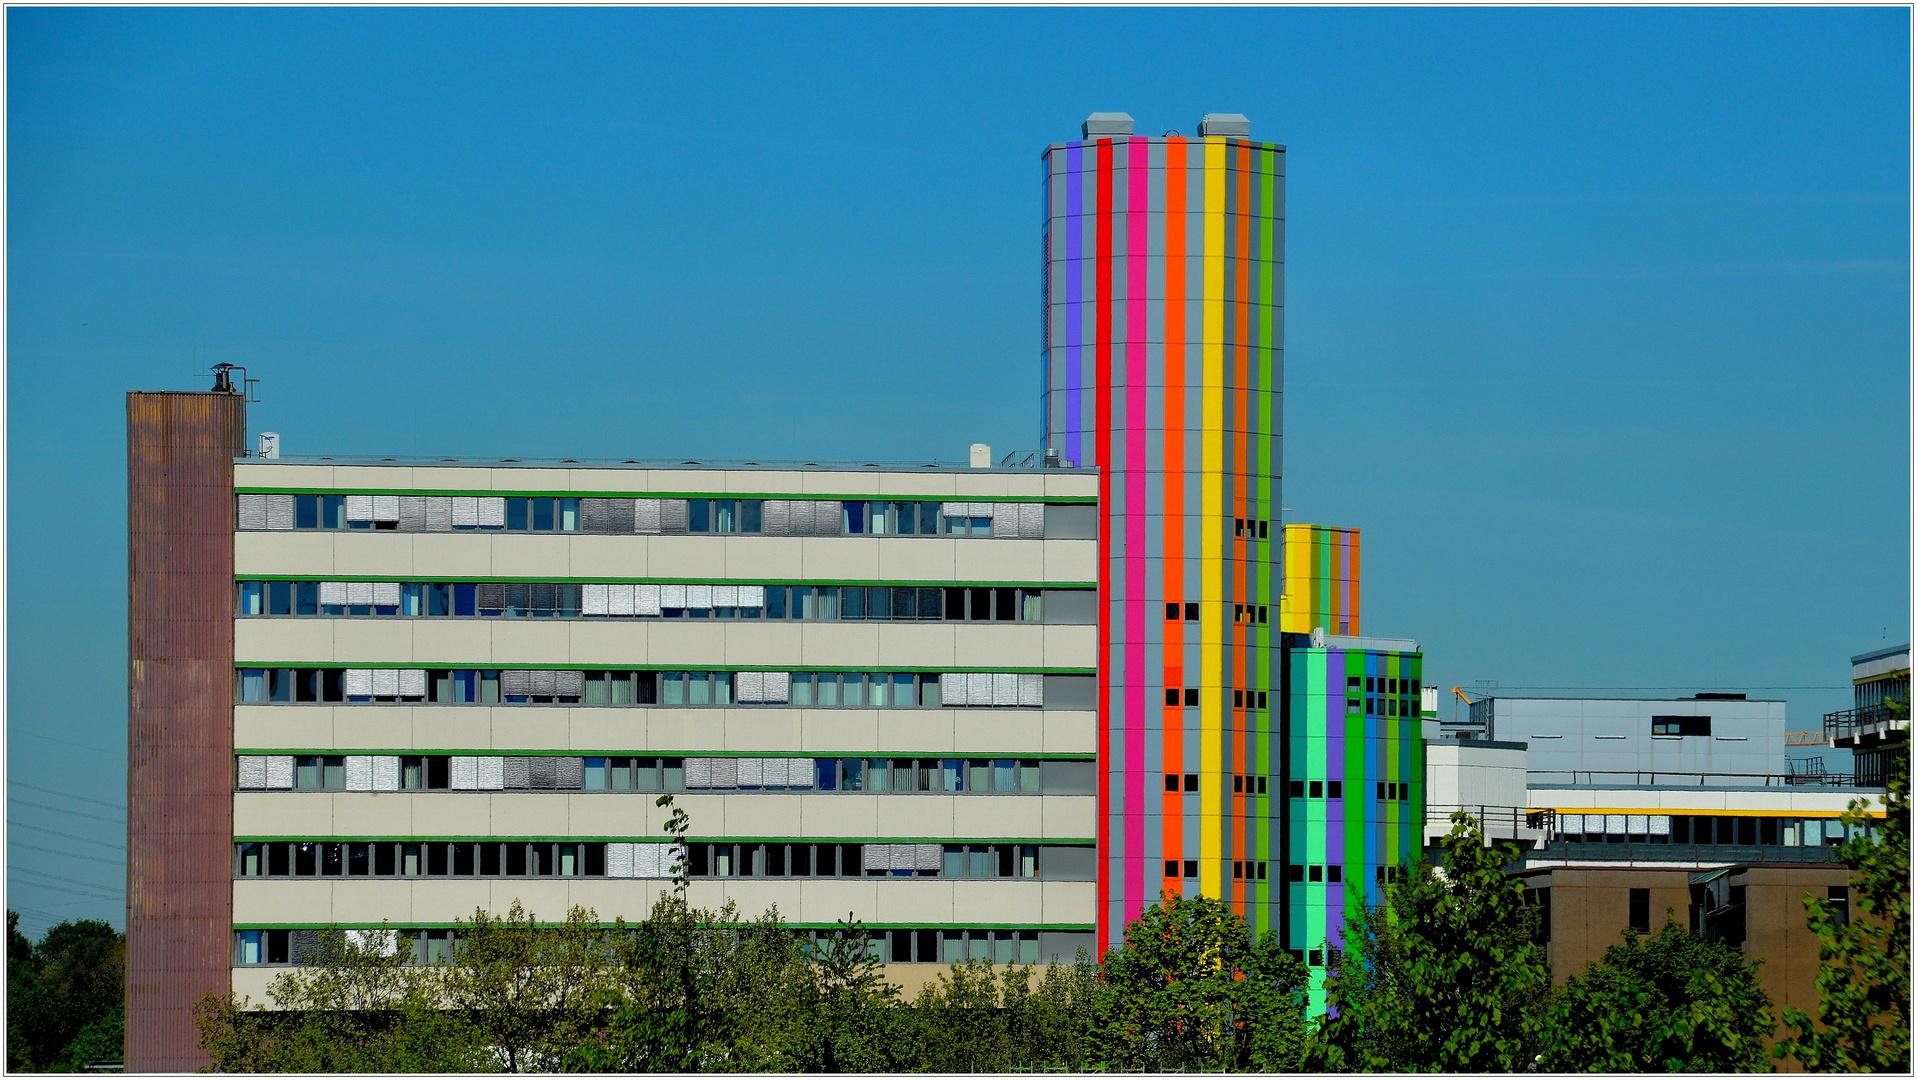 Ruhr Universität Duisburg Essen